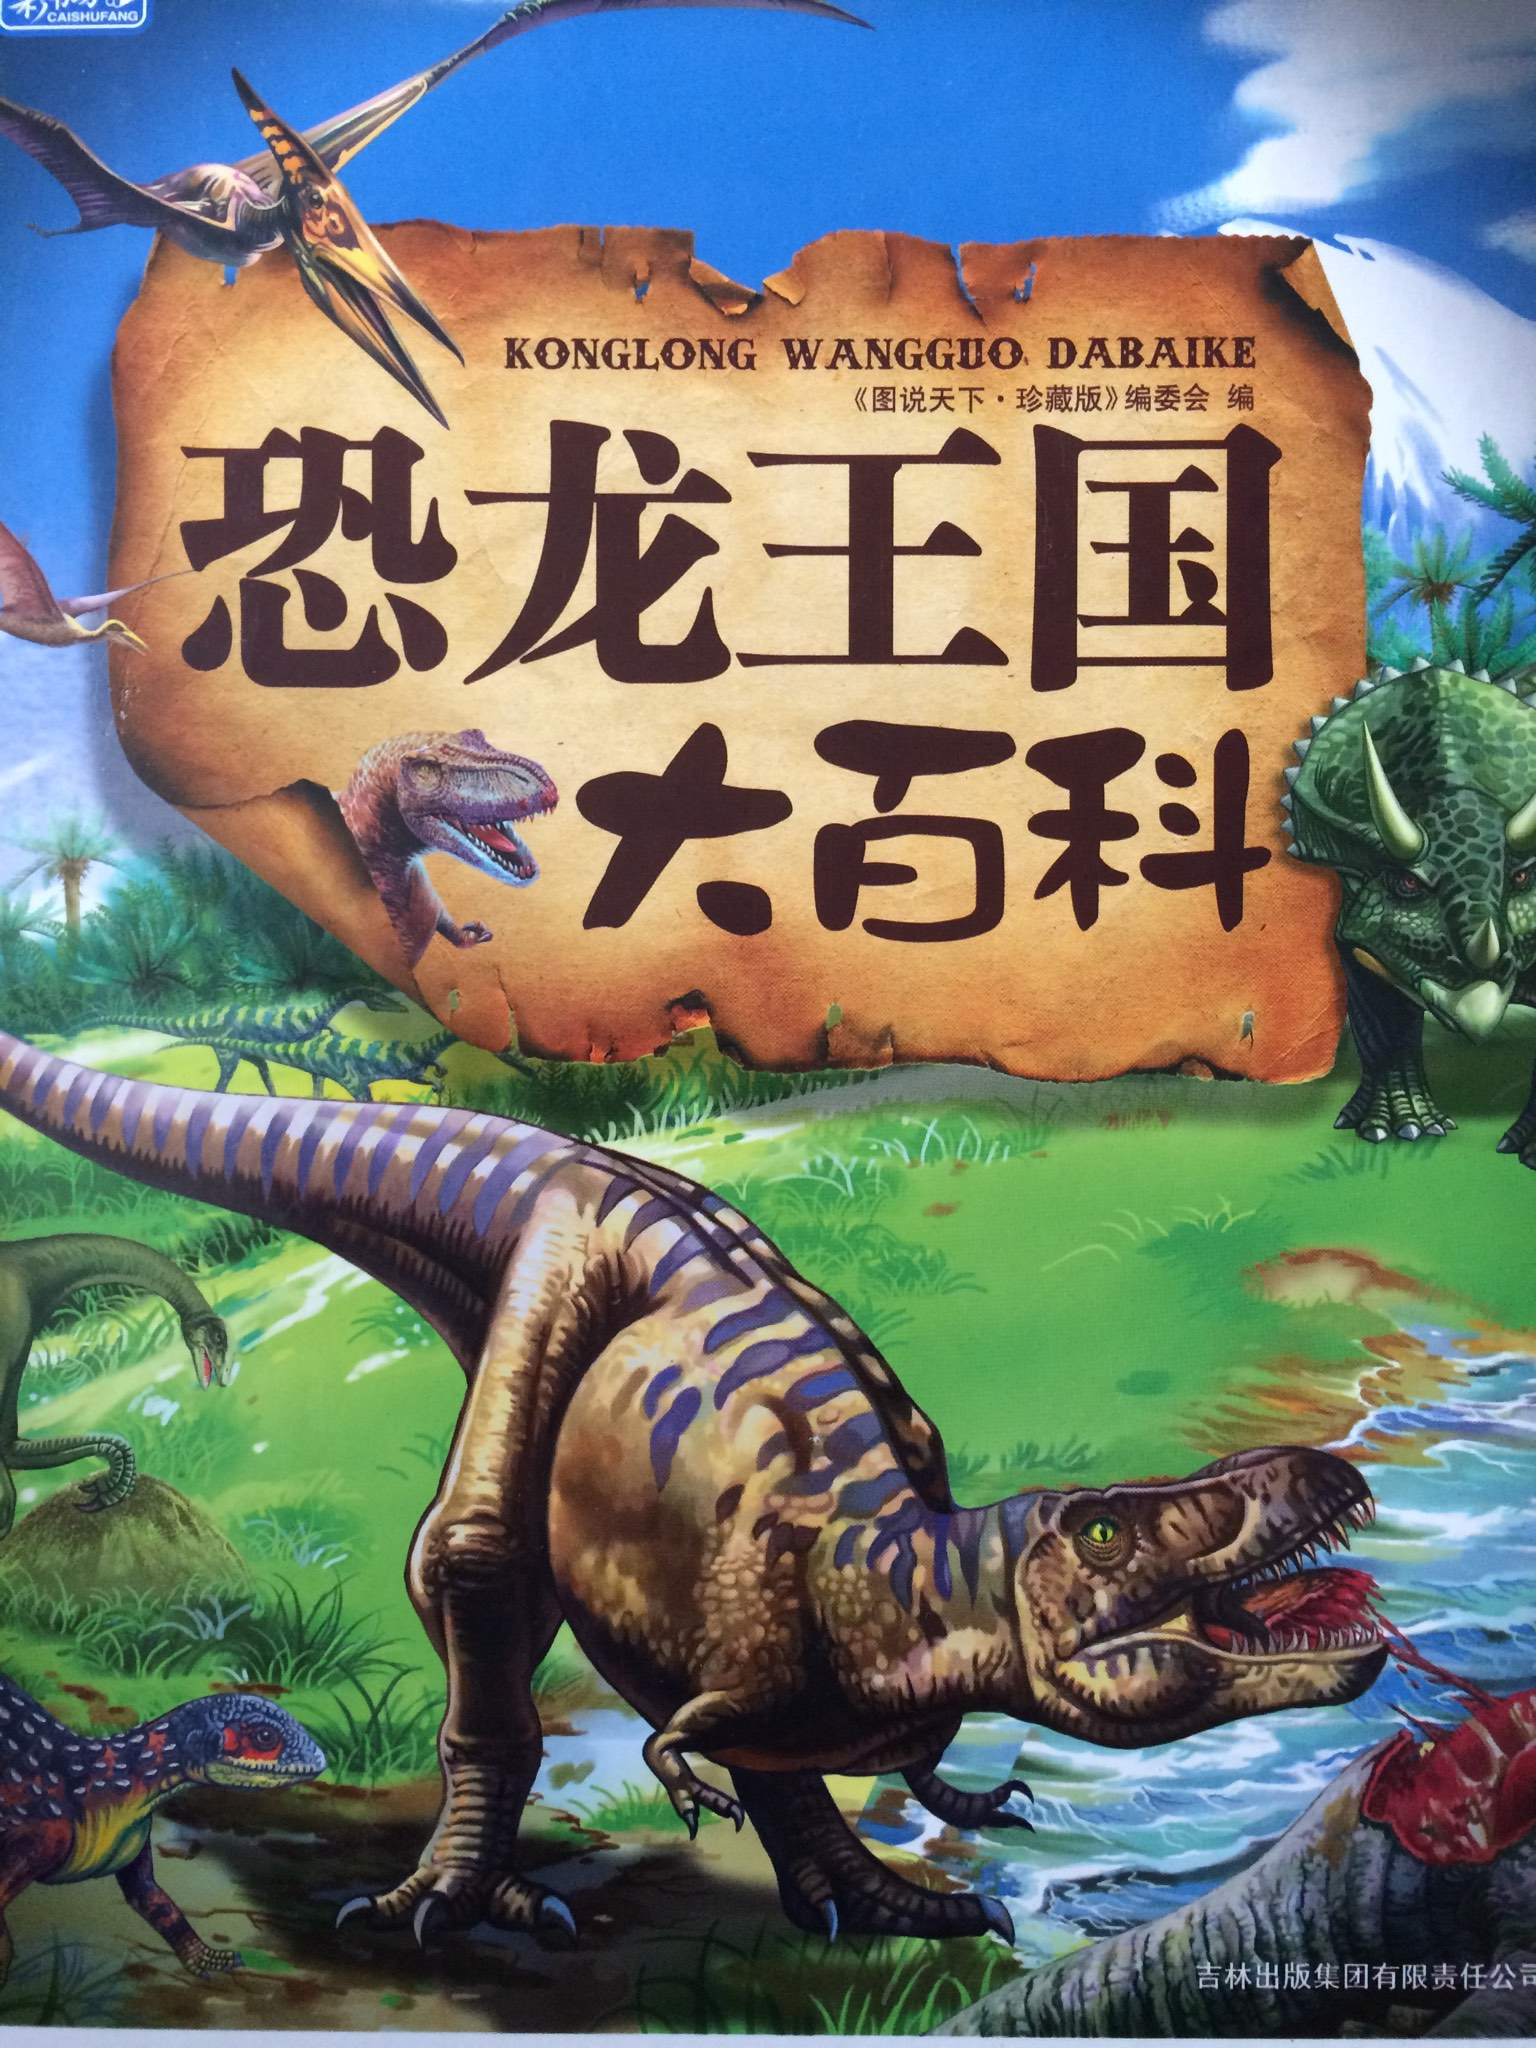 【恐龙王国大百科】在线收听